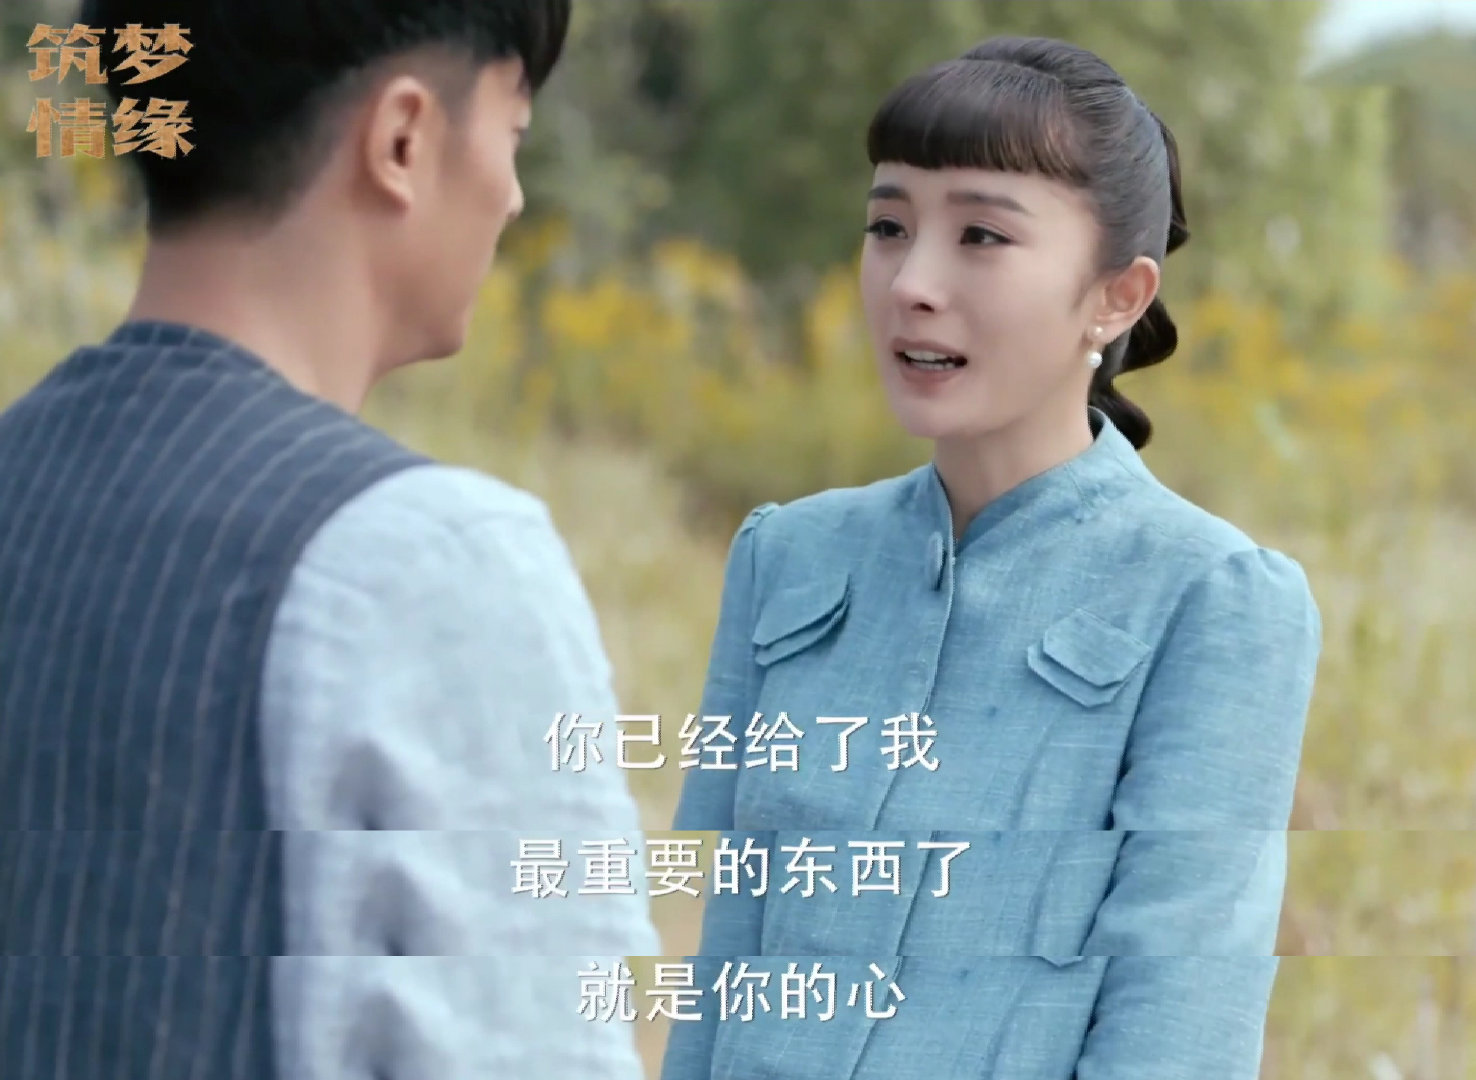 杨幂新剧《筑梦情缘》收视率不如意,现在评分也是这样低